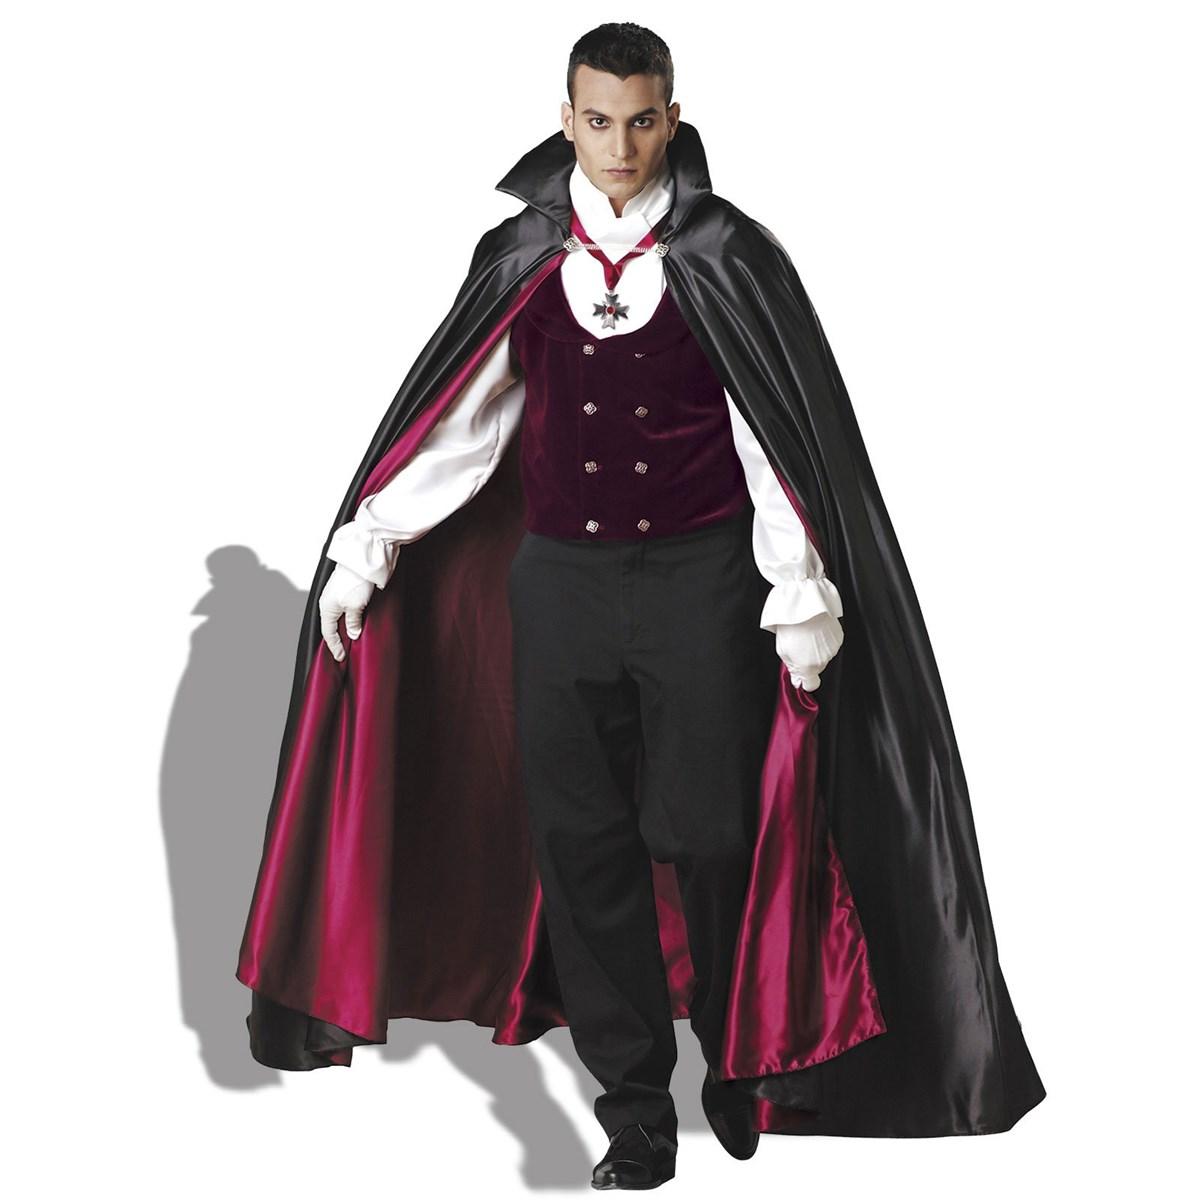 gothic and vampire costume ideas